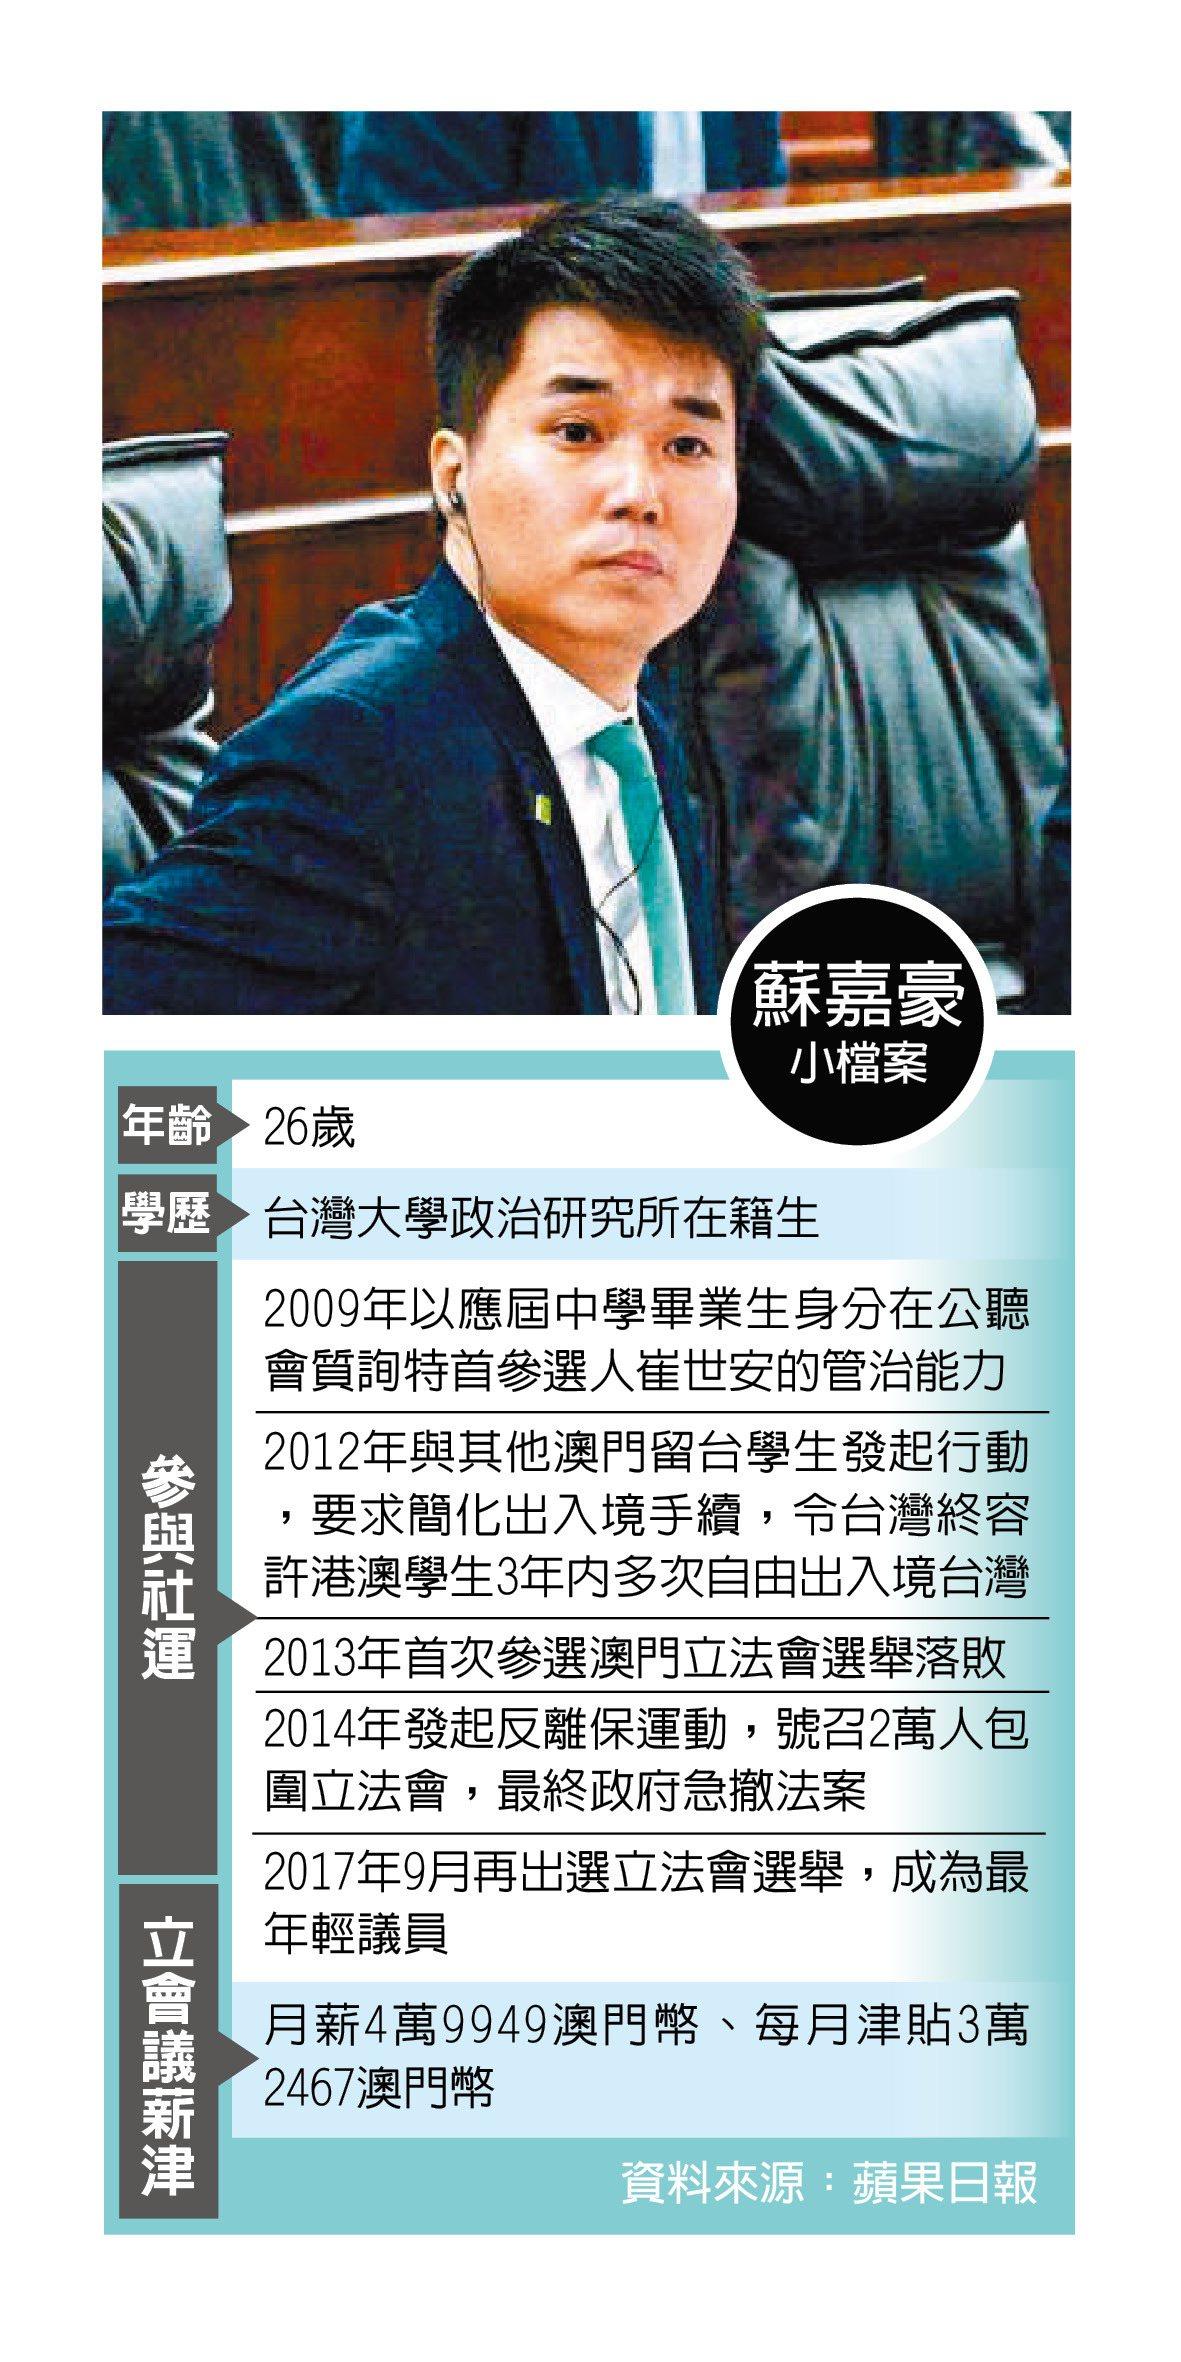 26歲當選,澳門最年輕議員蘇嘉豪,2014年發起「反離保」。